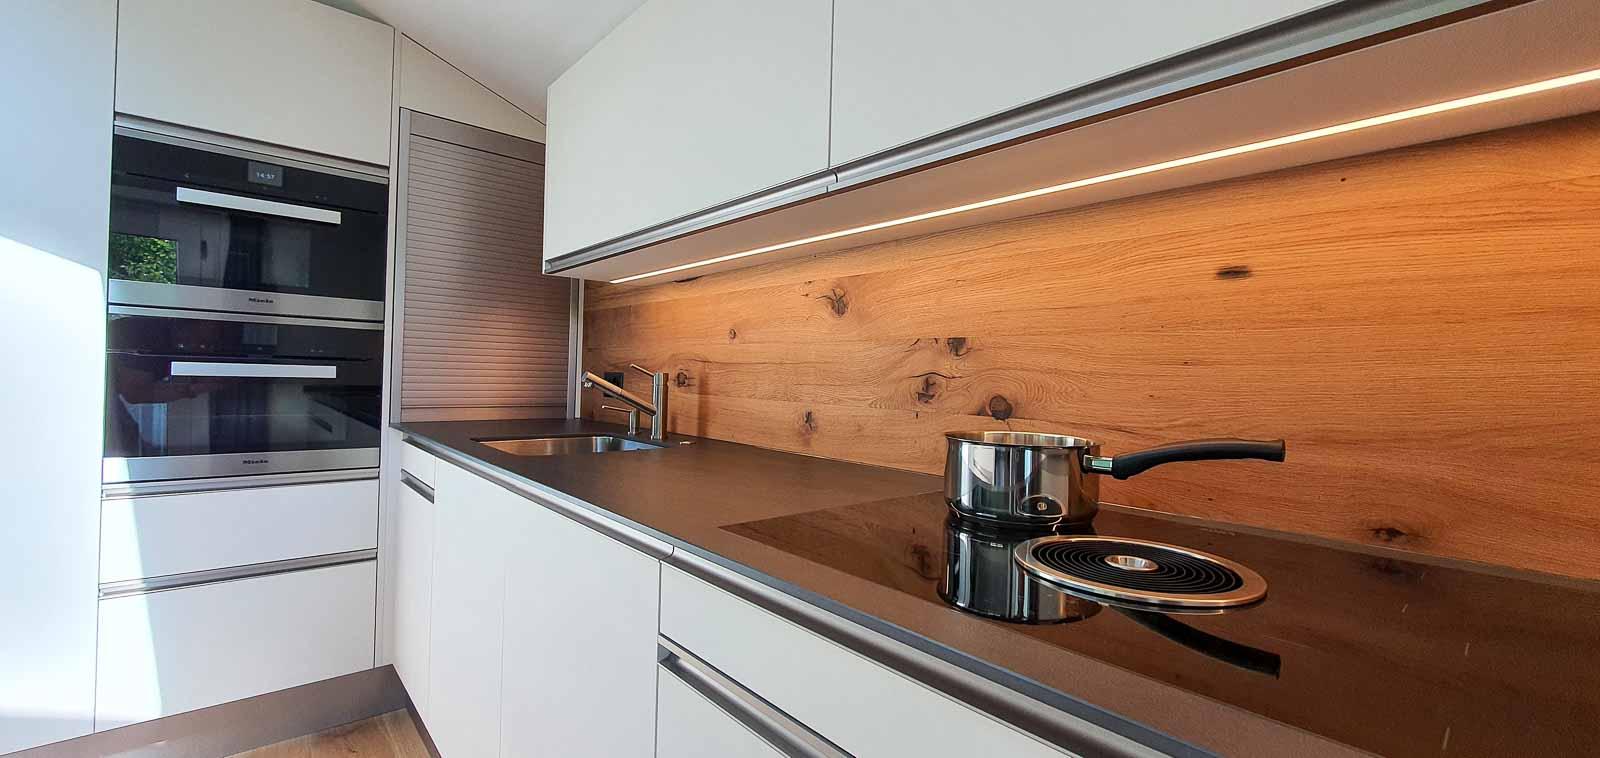 Wooddesign_Holzdesign_Altholz_rustikal_modern Rückwand aus Altholz bei Küche_Eiche Altholz (3)